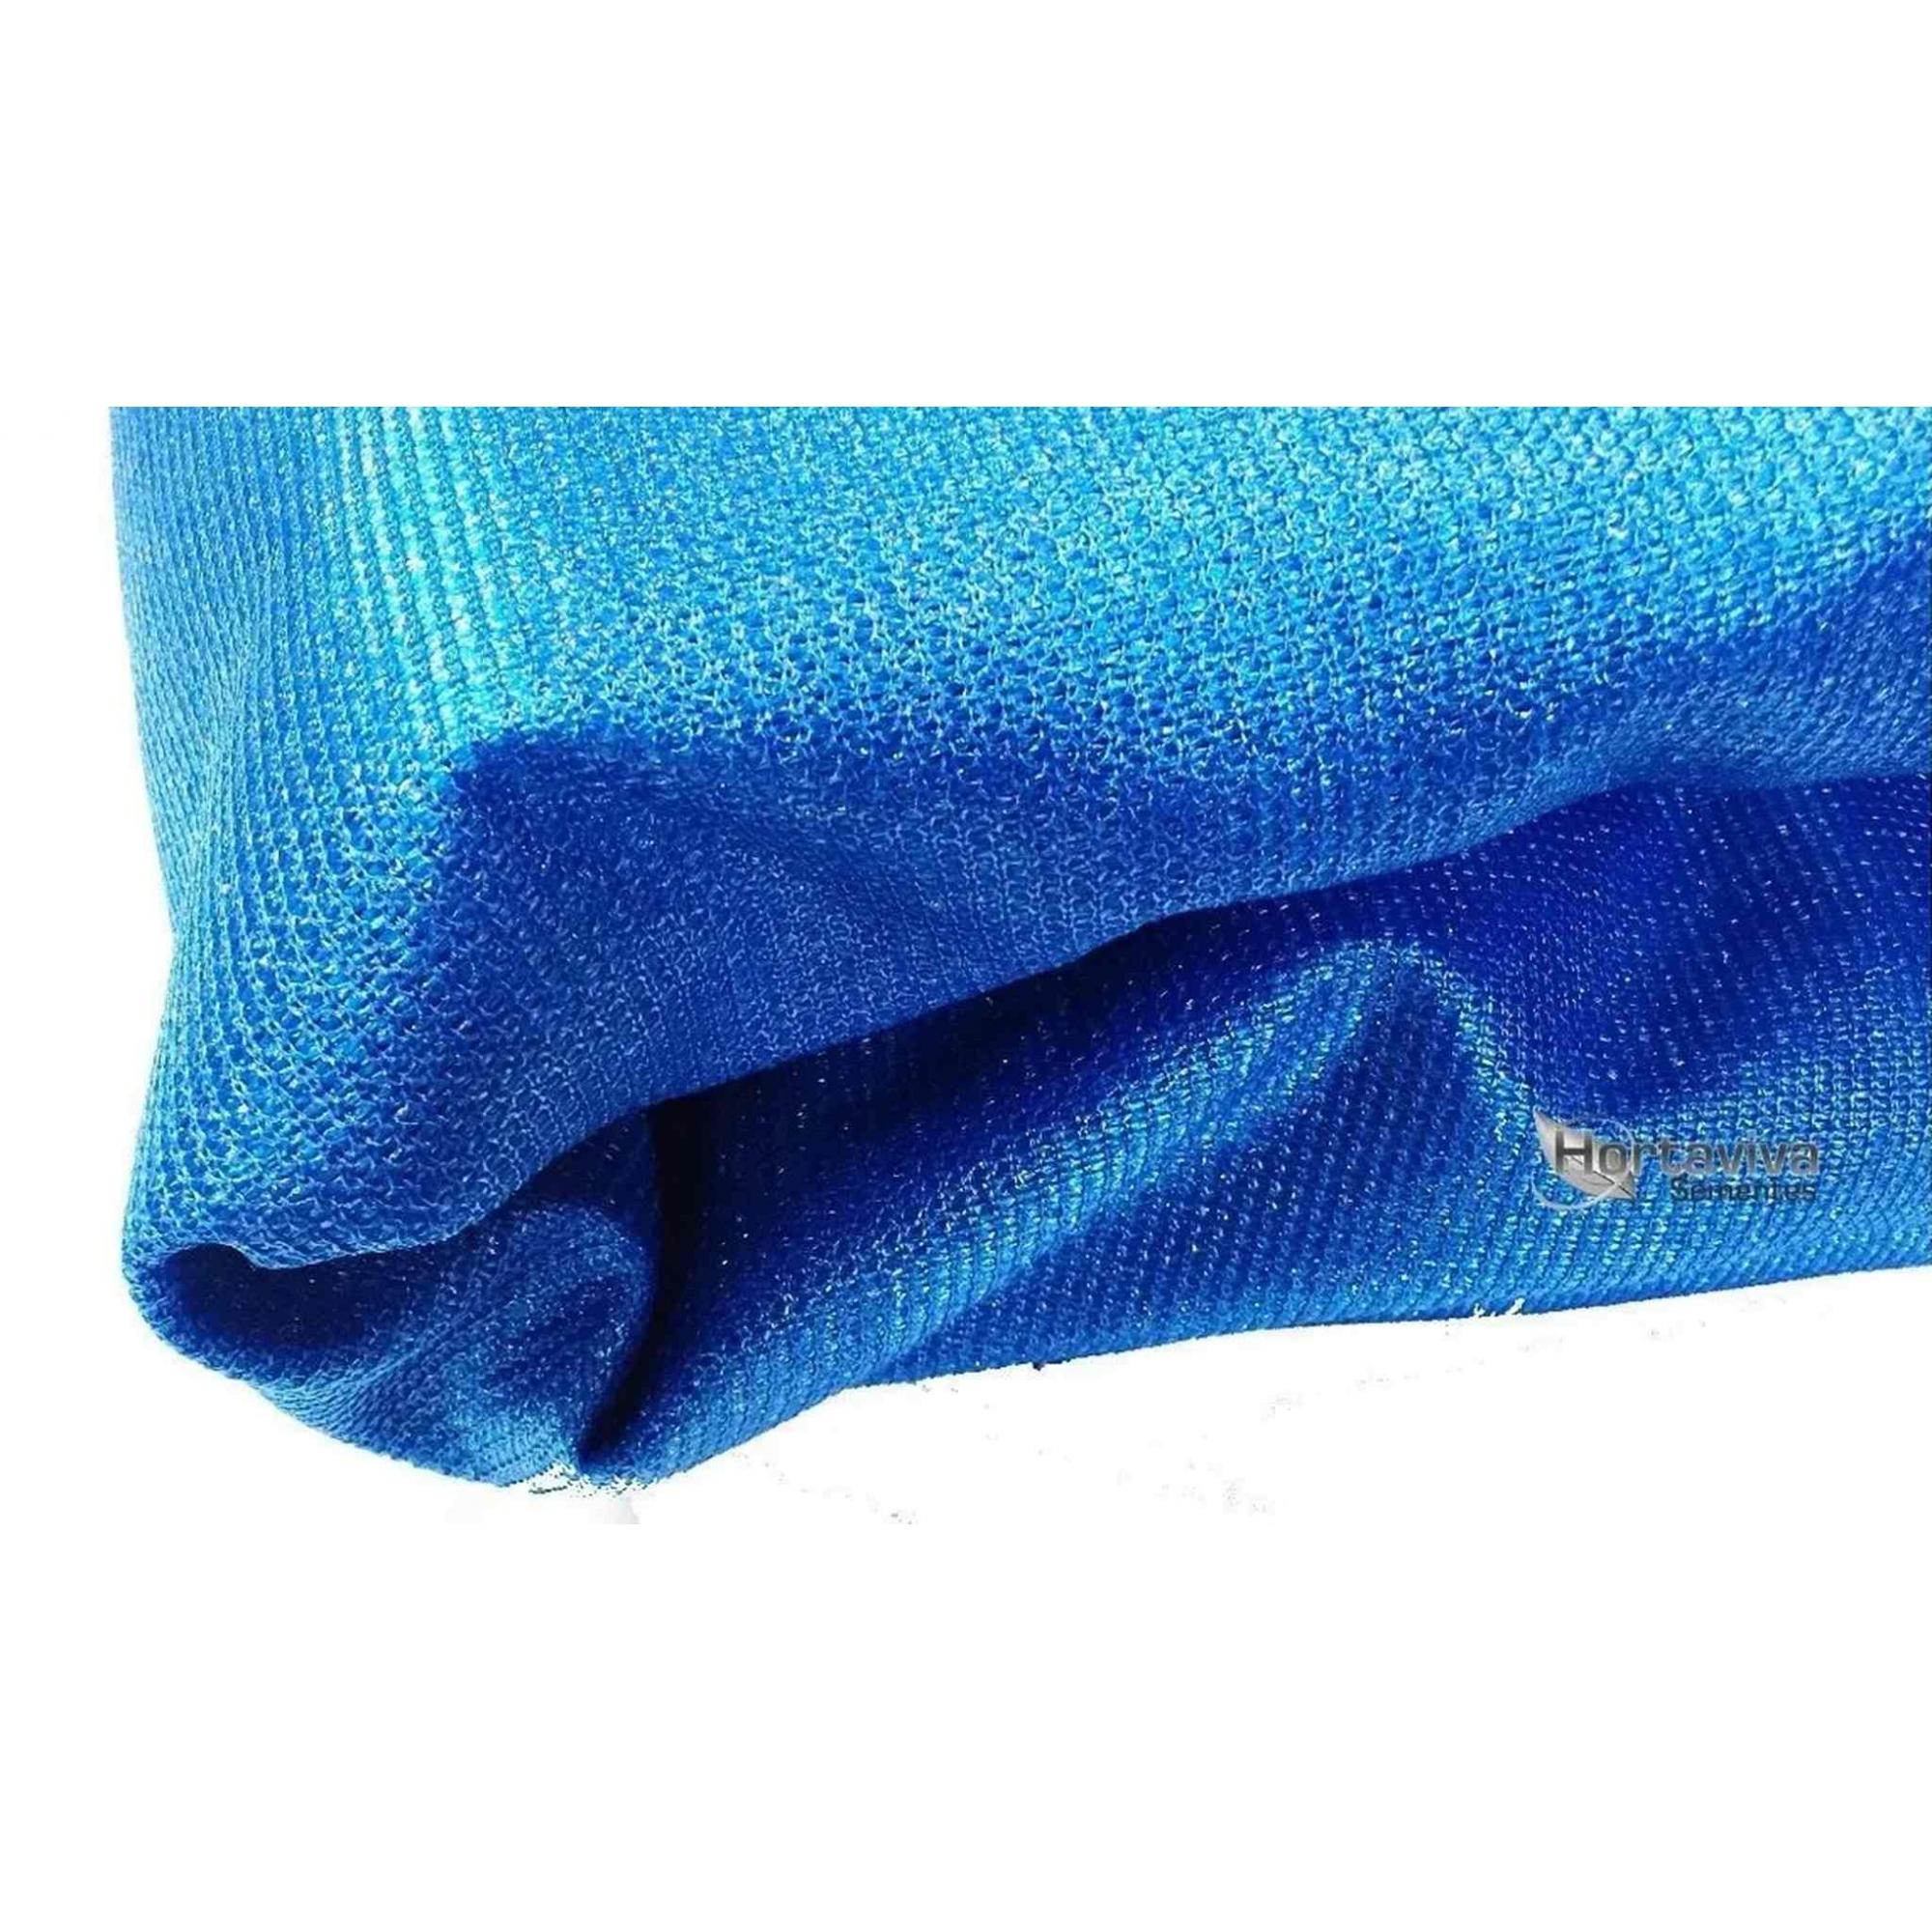 Tela De Sombreamento Decorativa Azul 90% - 4 Metros X 10 Metros